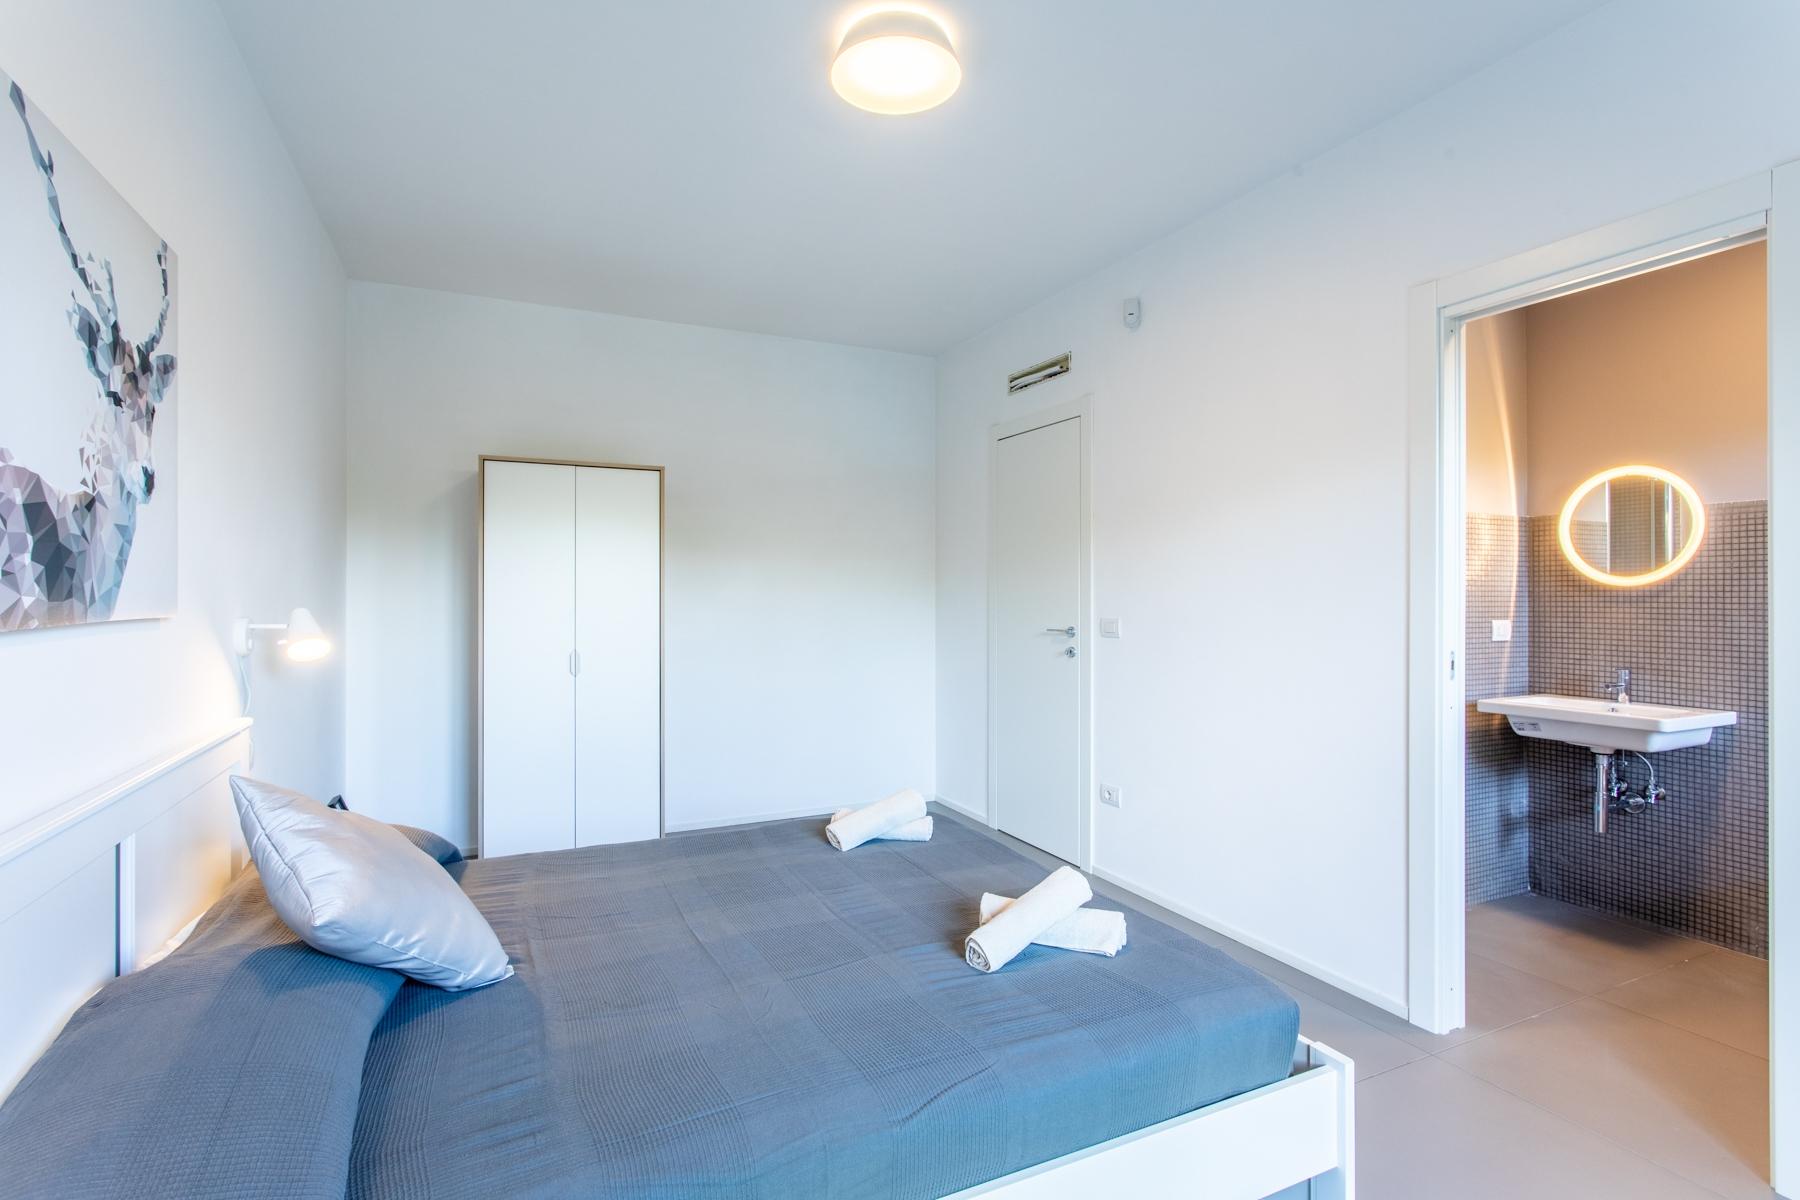 Appartamento in Vendita a Trevignano Romano: 4 locali, 100 mq - Foto 17